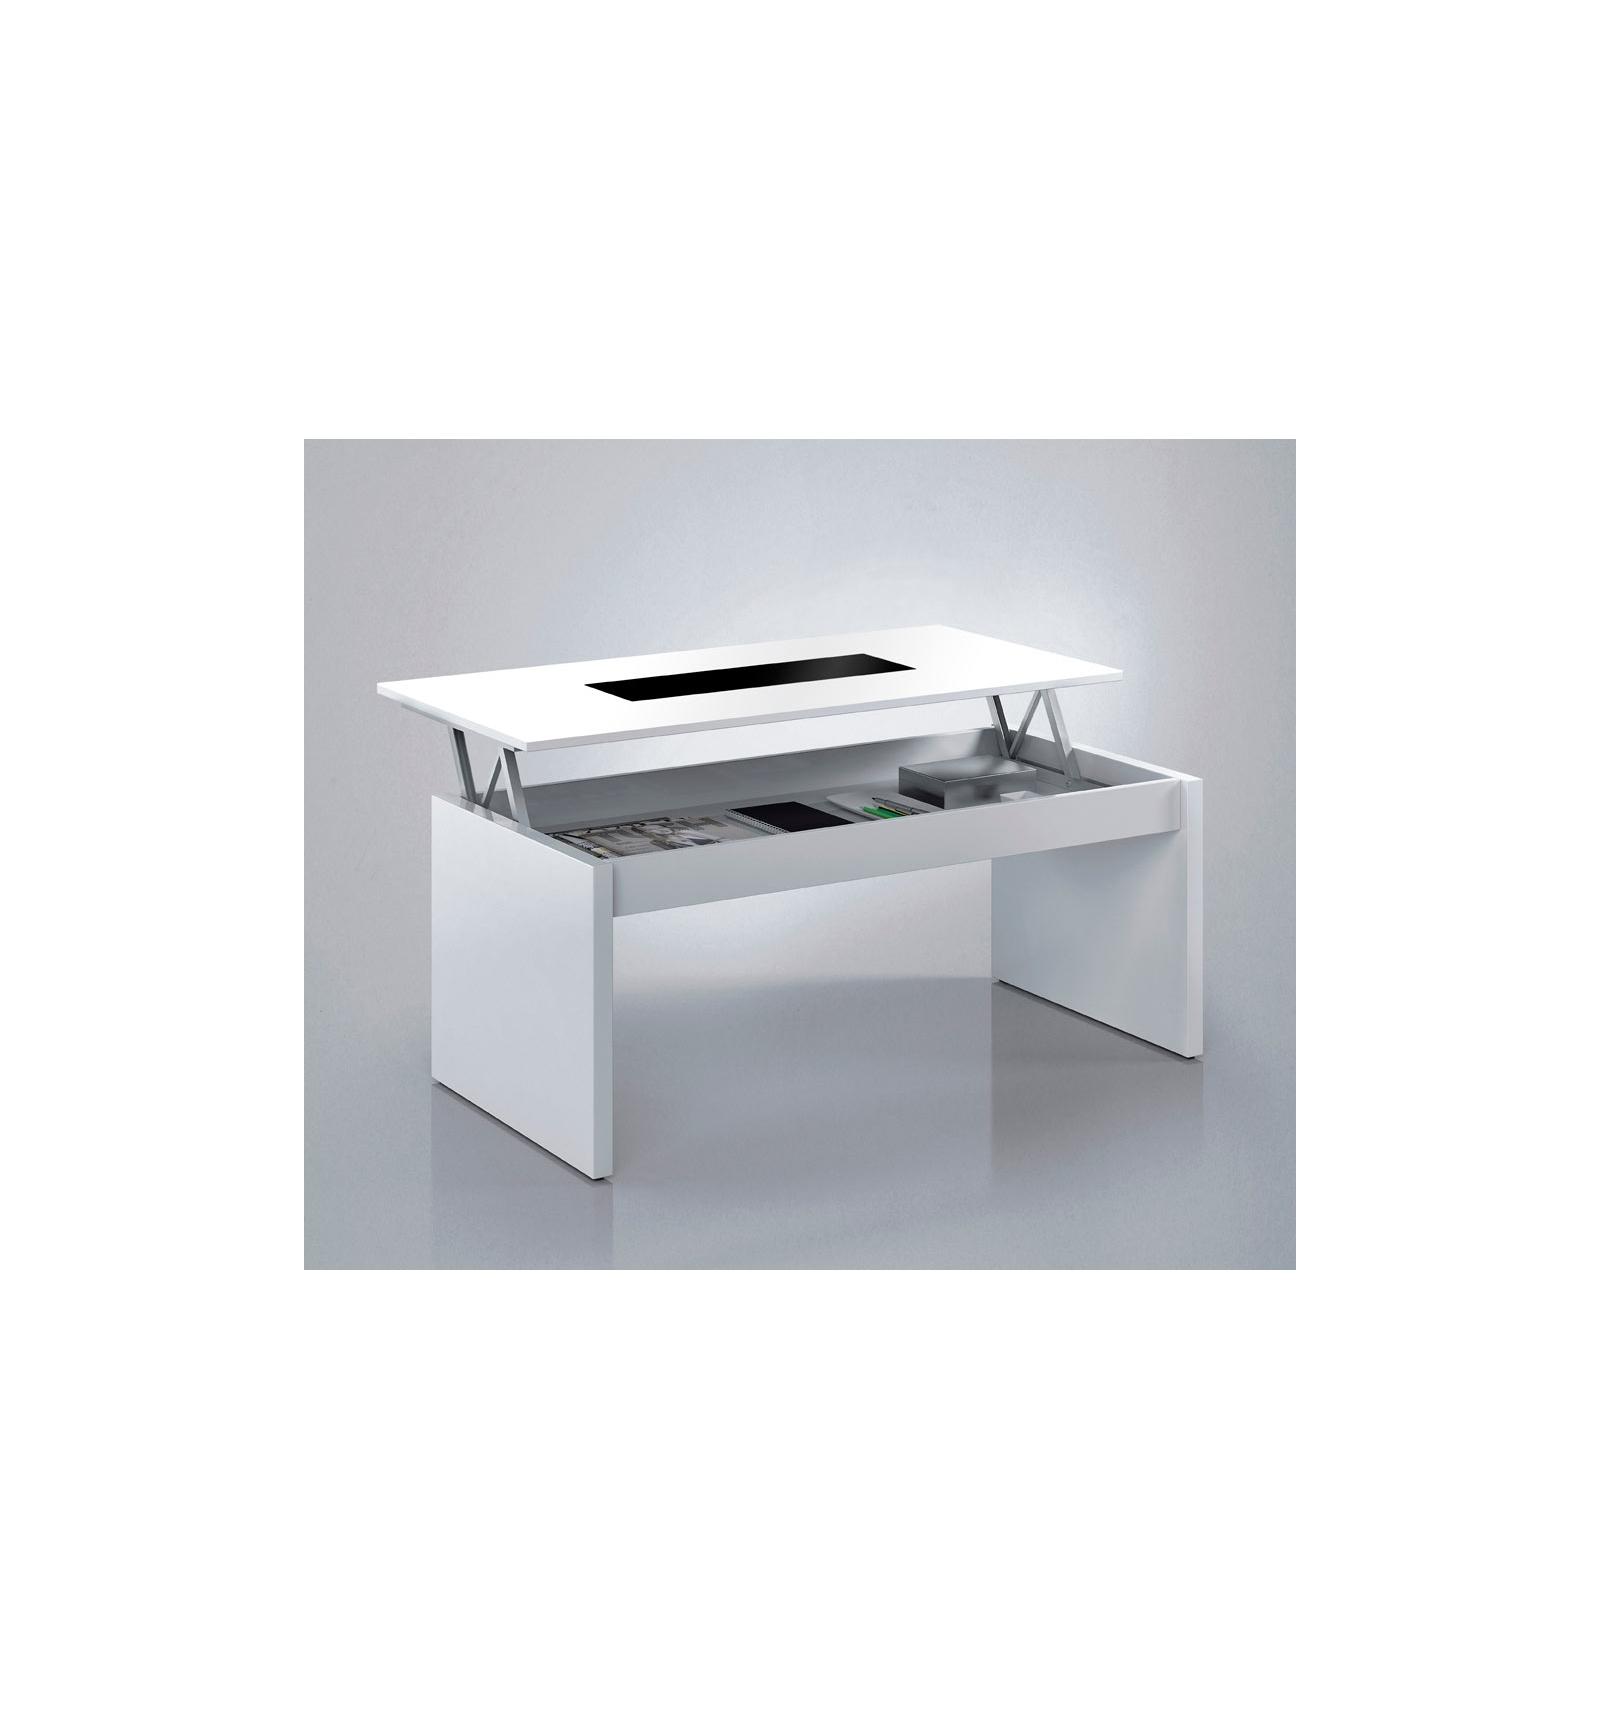 Table relevable avec plateau de verre for Table avec plateau en verre